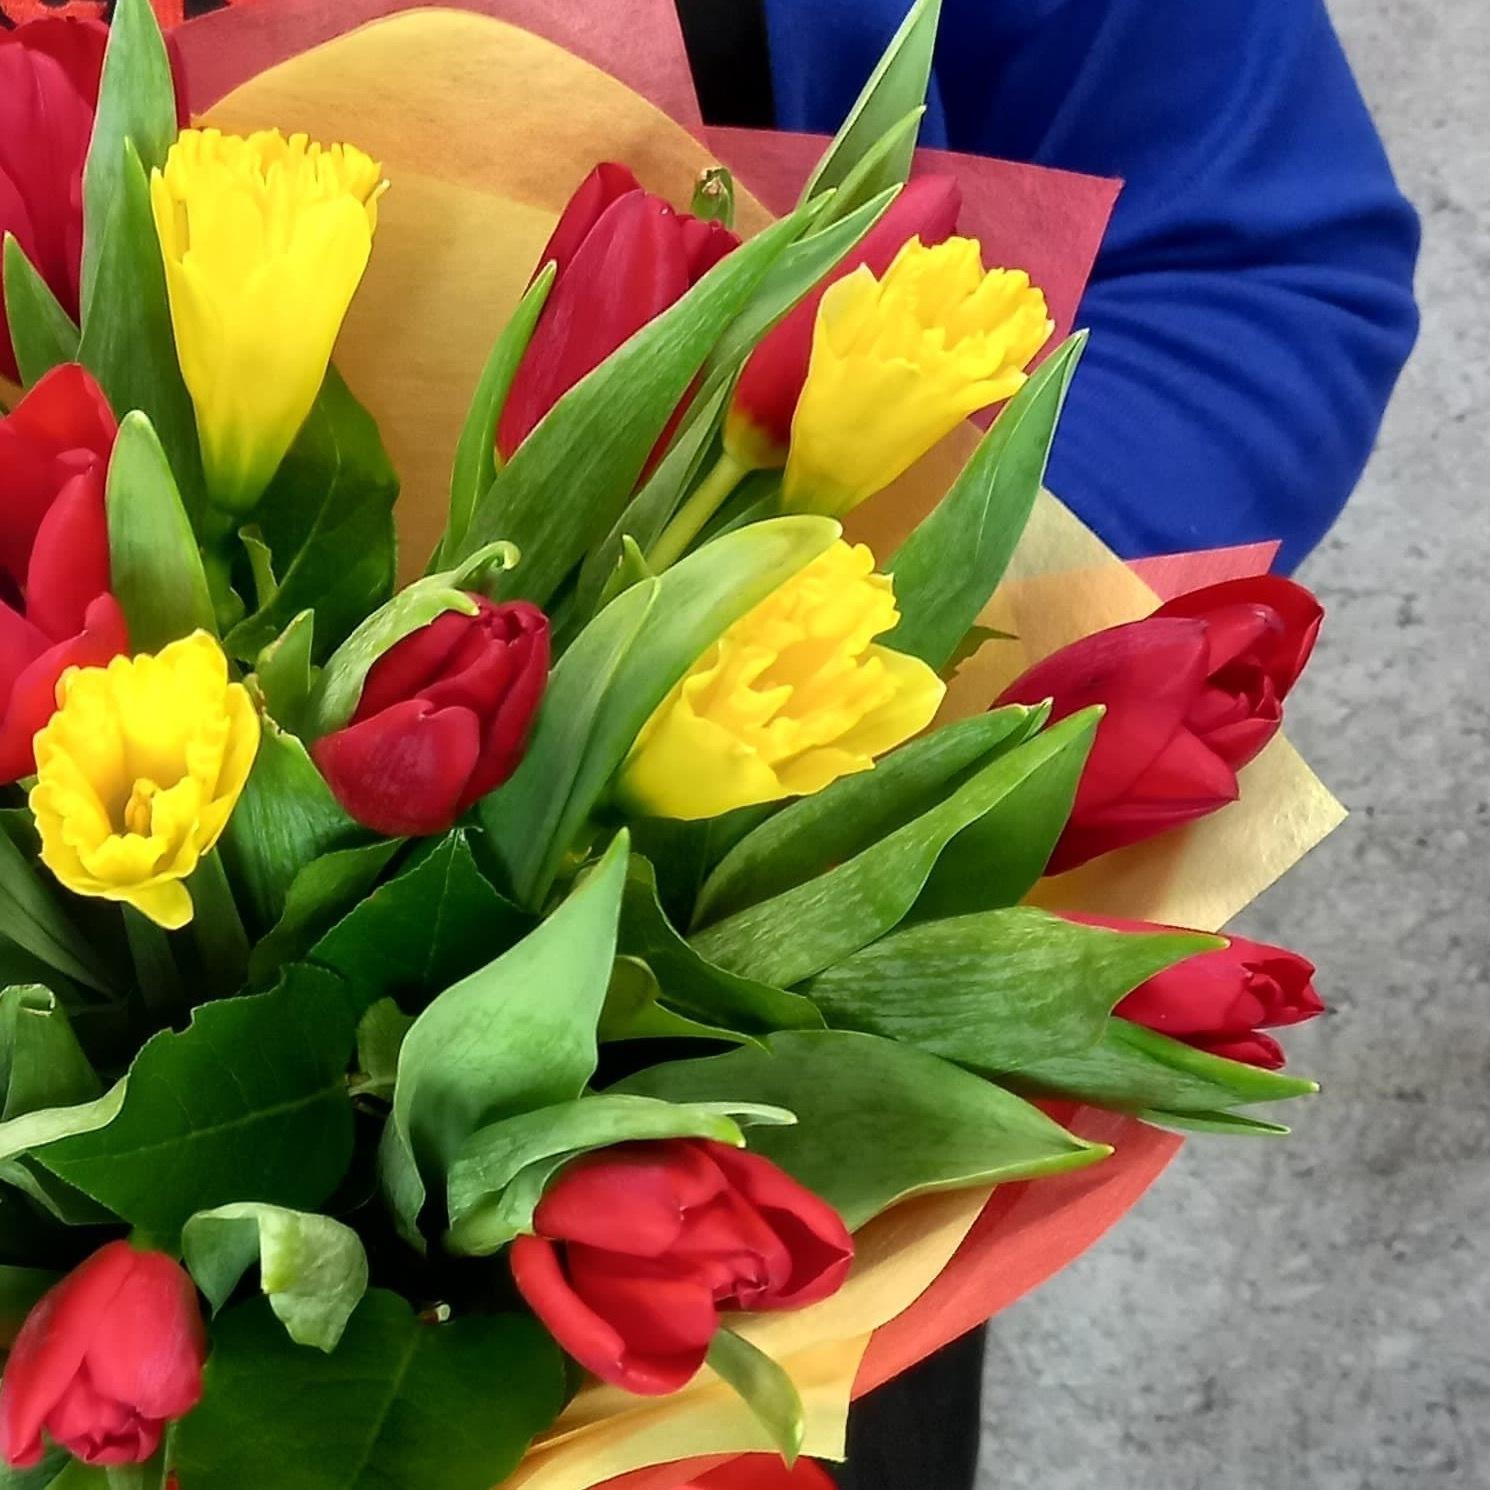 Луковицы тюльпаны купить москва заказ цветов интернет тюмени